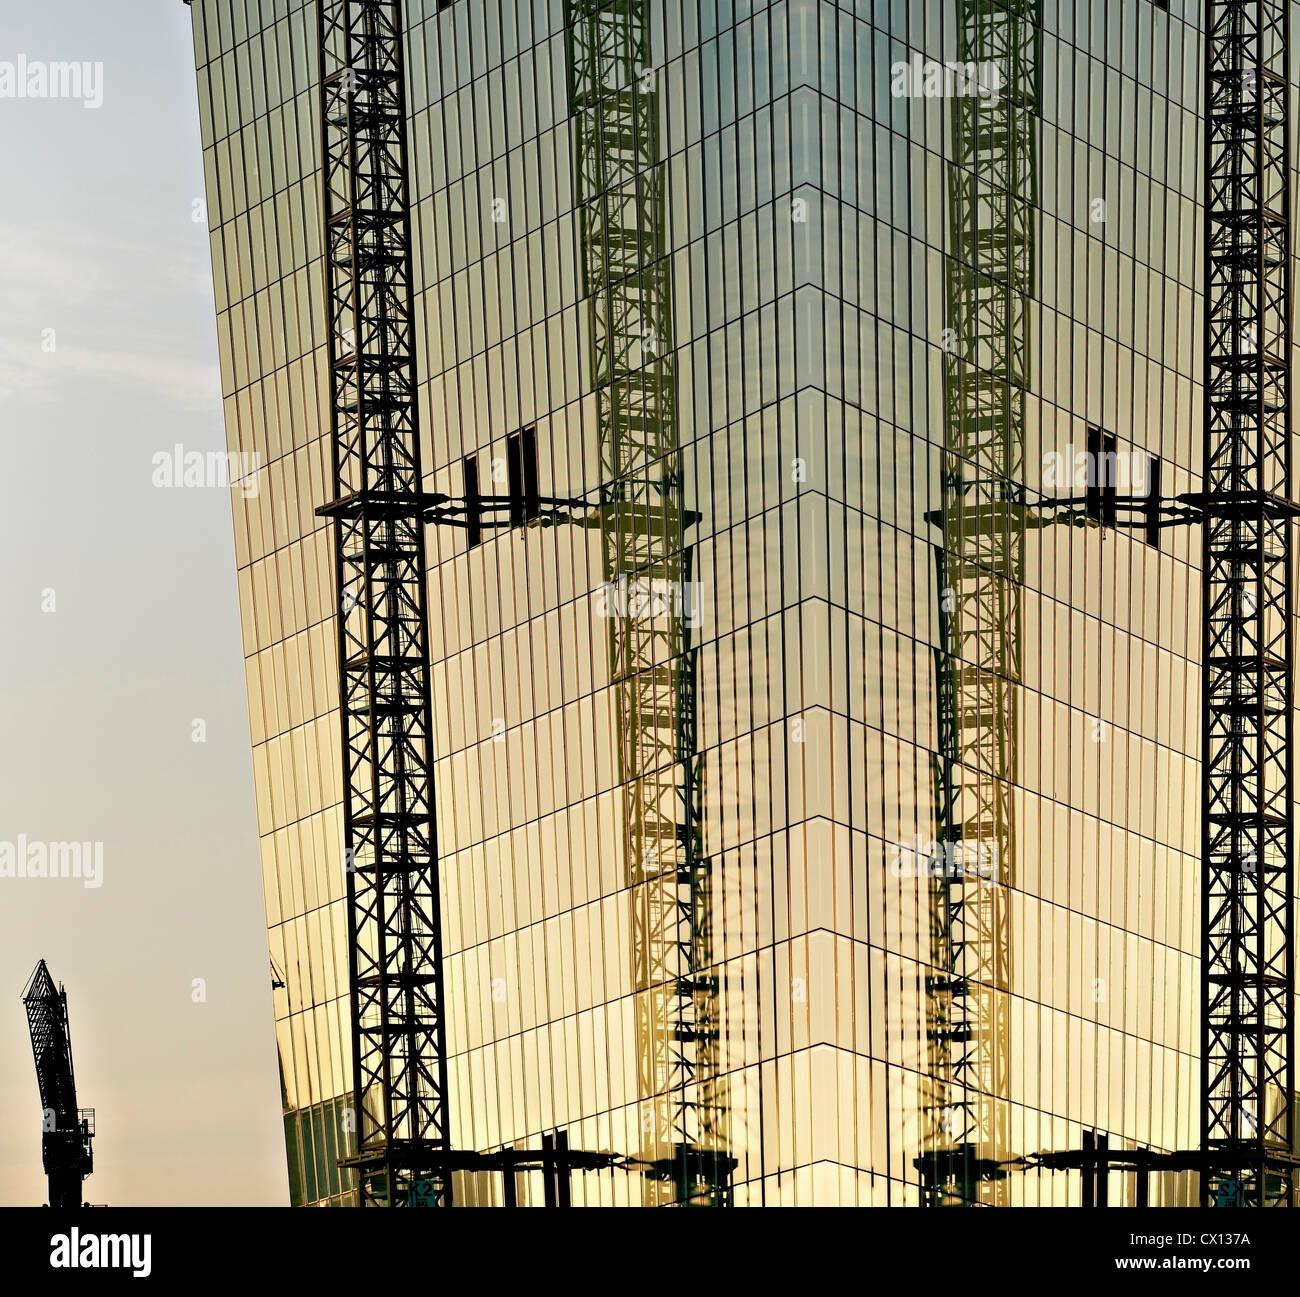 La construcción del nuevo Banco monetario europeo al atardecer, Frankfurt, Hesse, Alemania Imagen De Stock